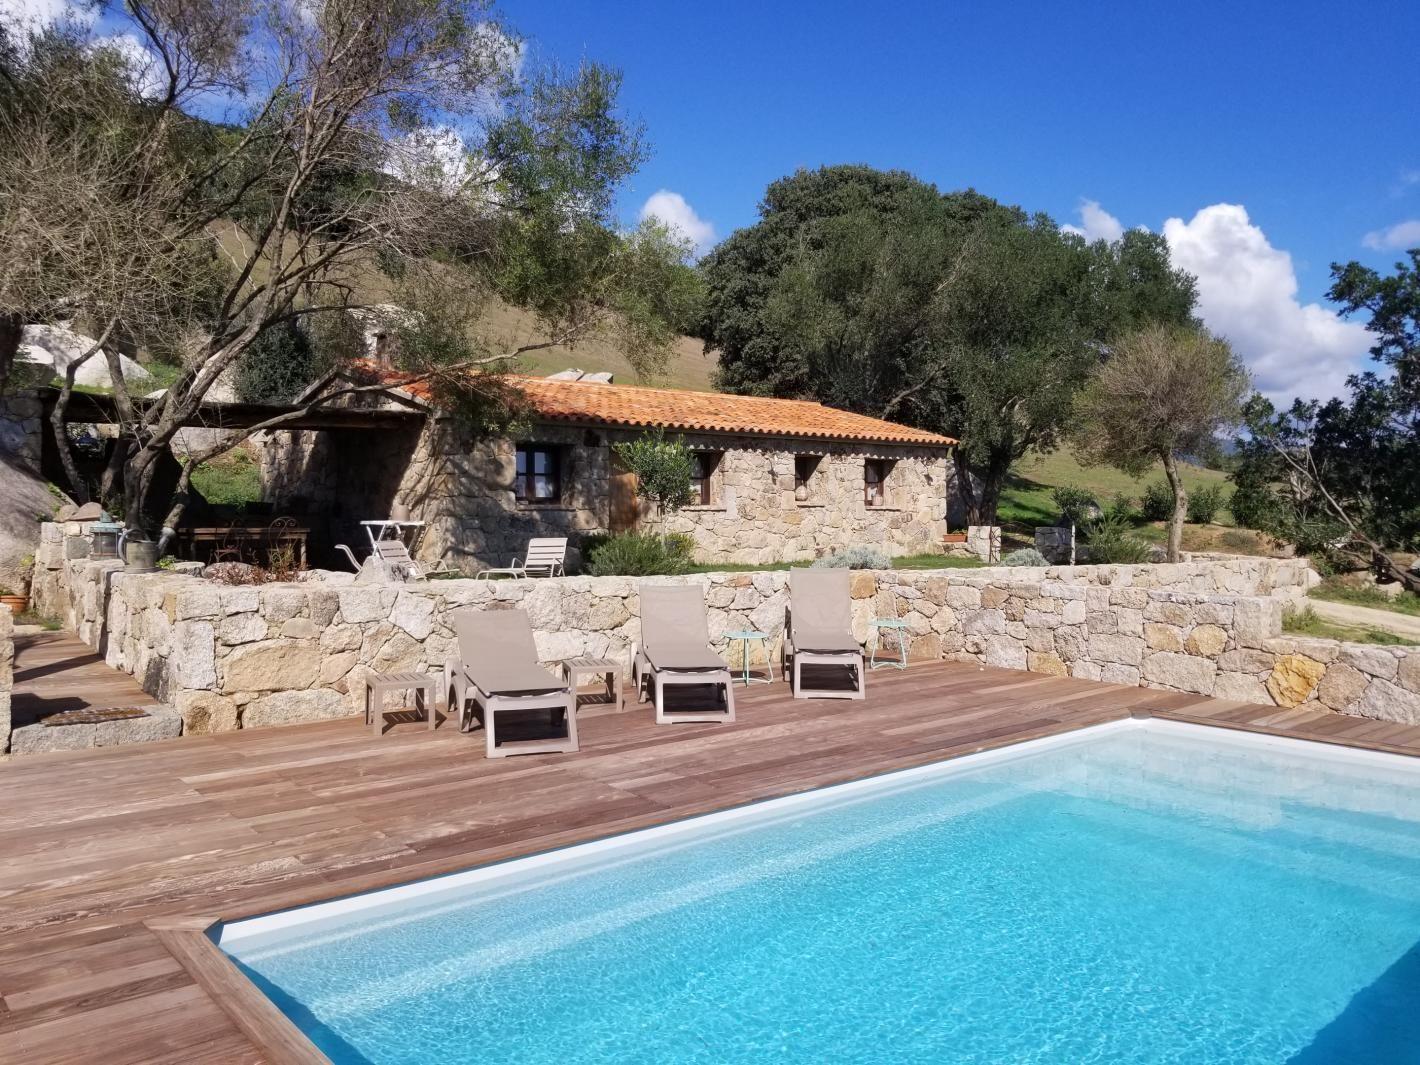 Location Maison Avec Piscine Privee Corse Sud N Hesitez Pas A